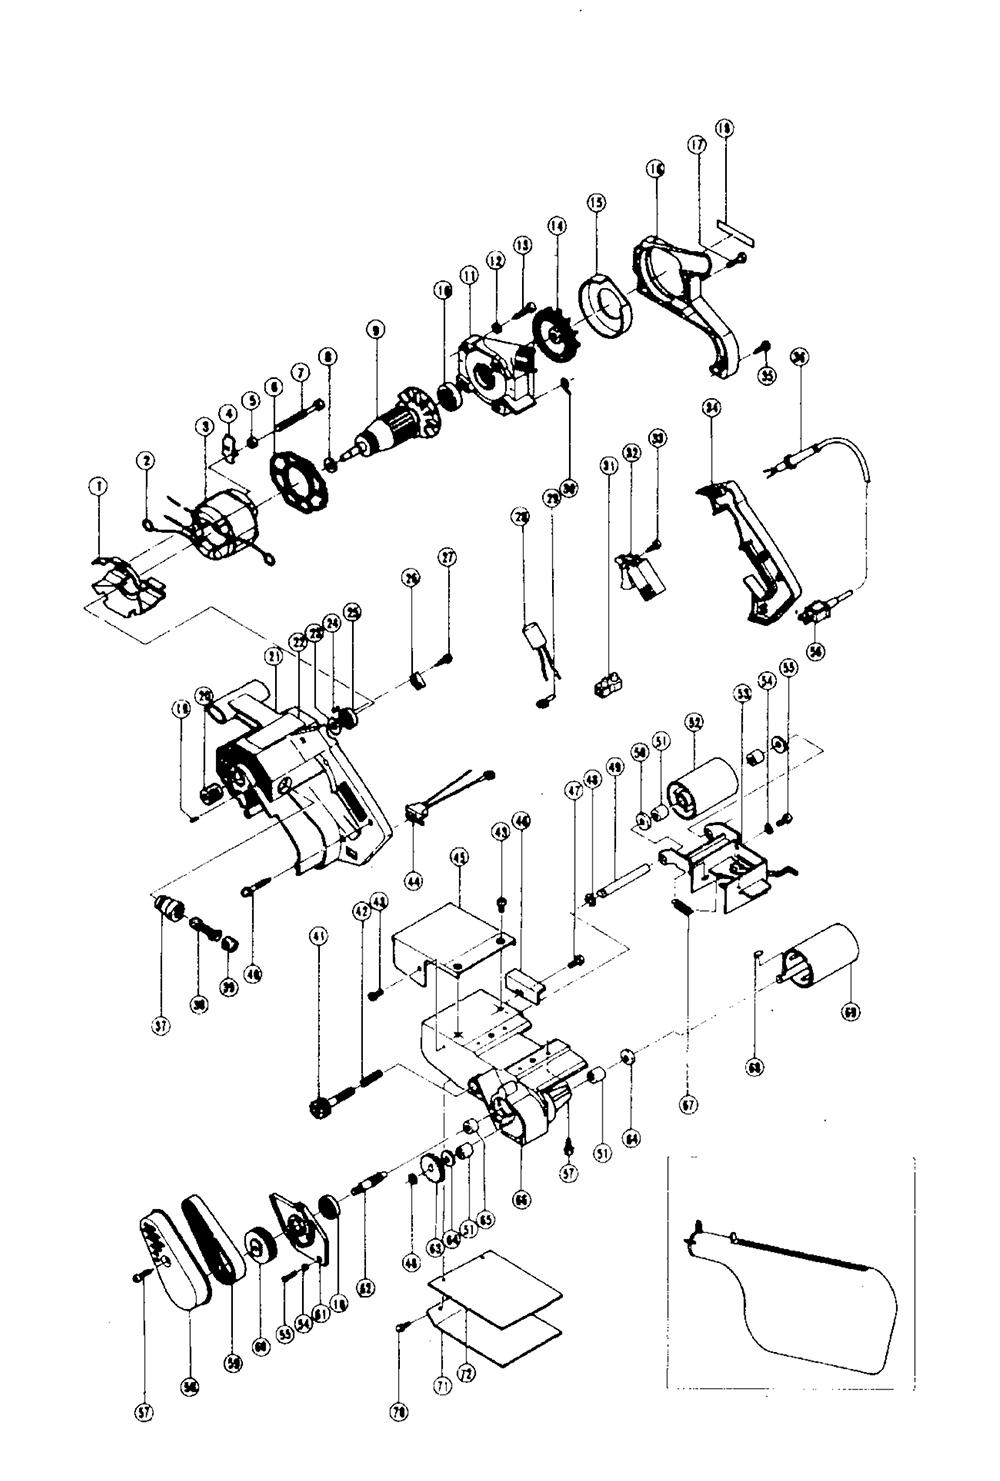 [DIAGRAM] Tv Repair Schematics Diagram FULL Version HD